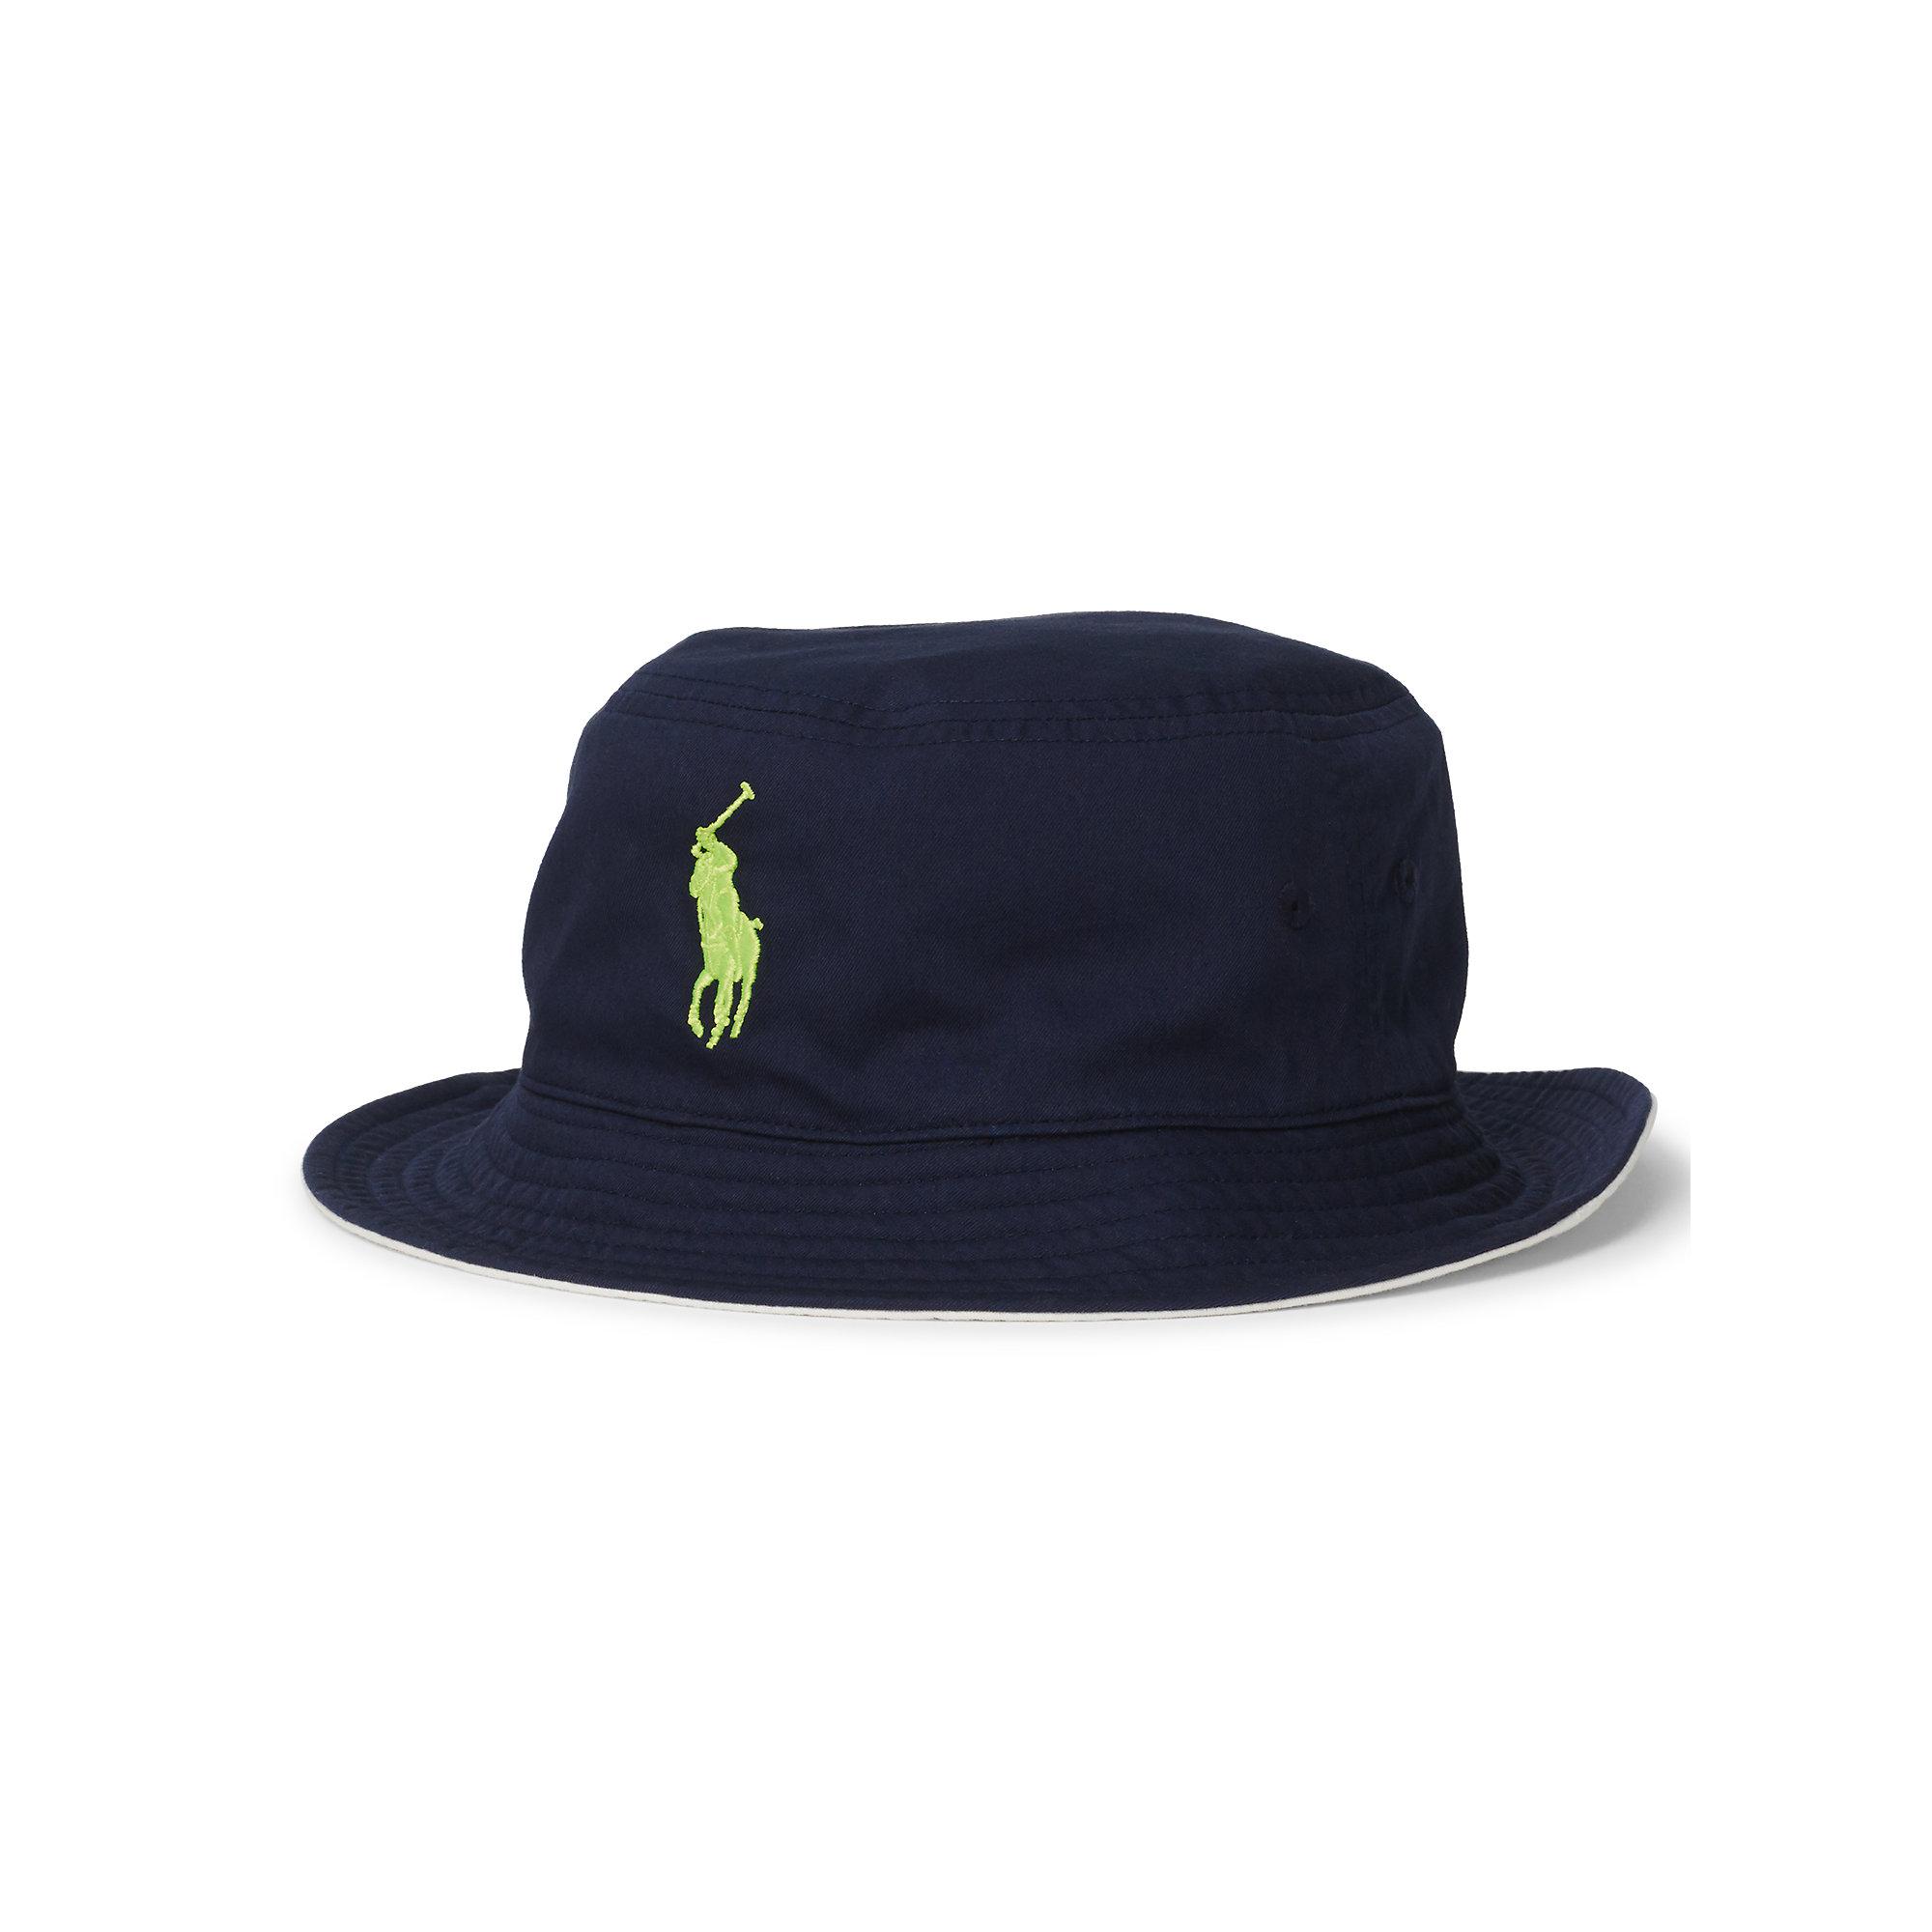 33507926 Polo Ralph Lauren Us Open Reversible Bucket Hat in Blue for Men - Lyst